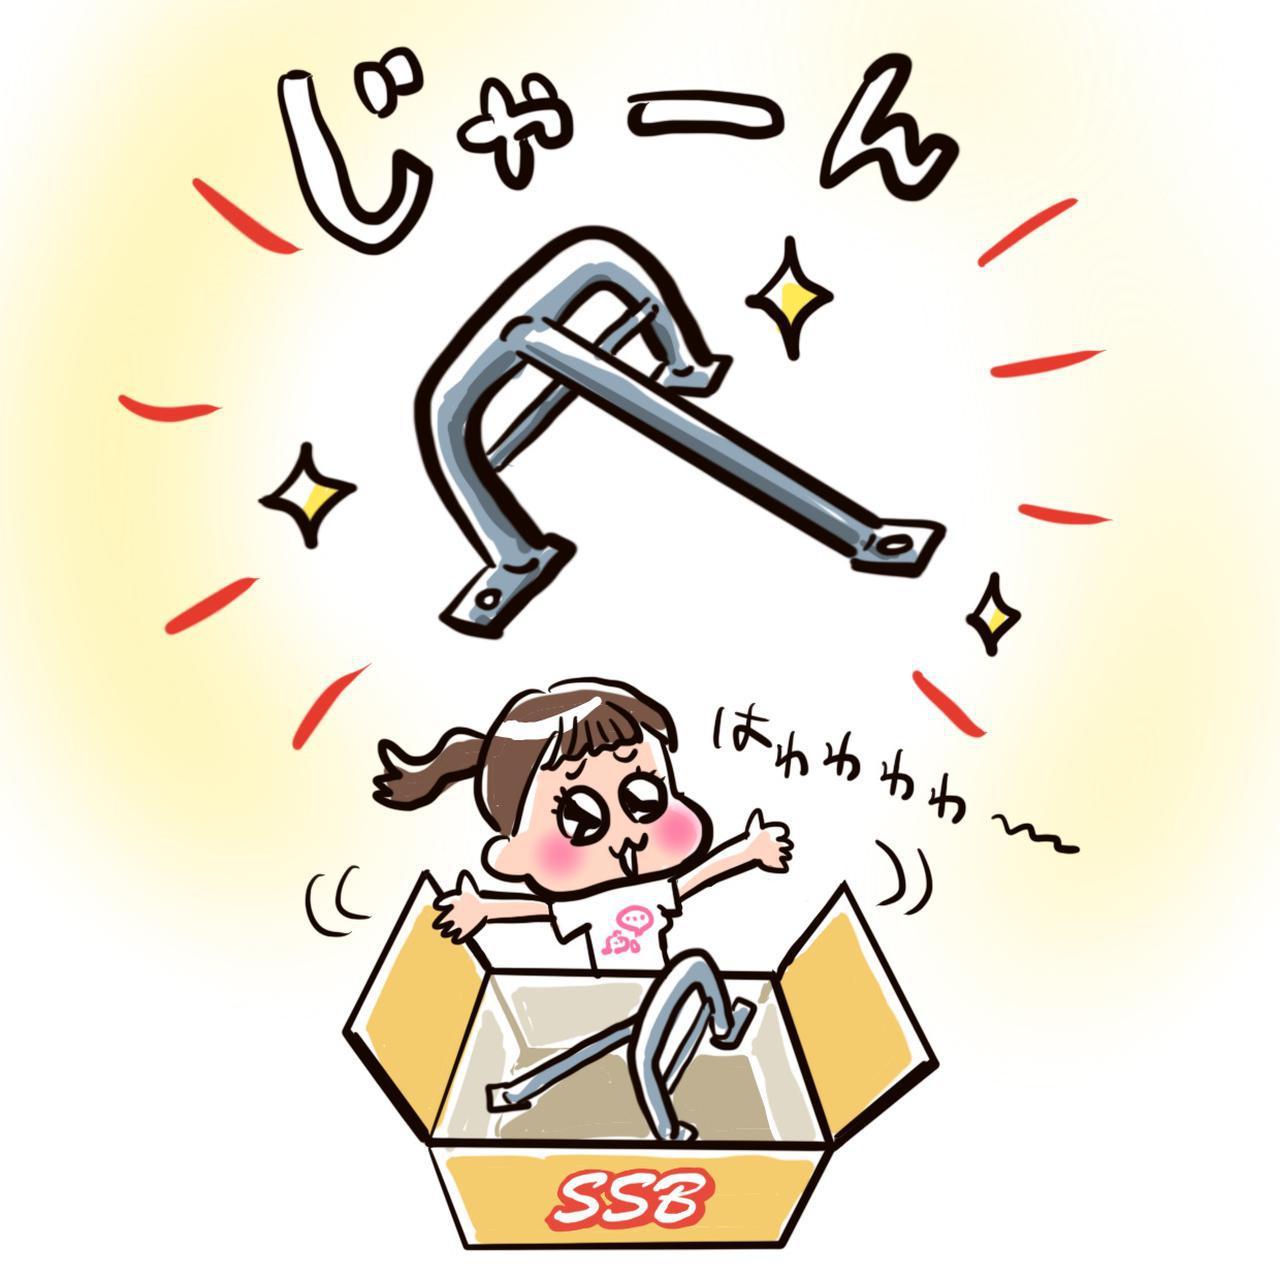 画像: ひとつひとつ手作りで制作しているSSB。箱から開けたときに嬉しくなるような仕上がりにしていますとのこと。SSBをバイクにつけたときを想像するだけでほれぼれしちゃいますね!